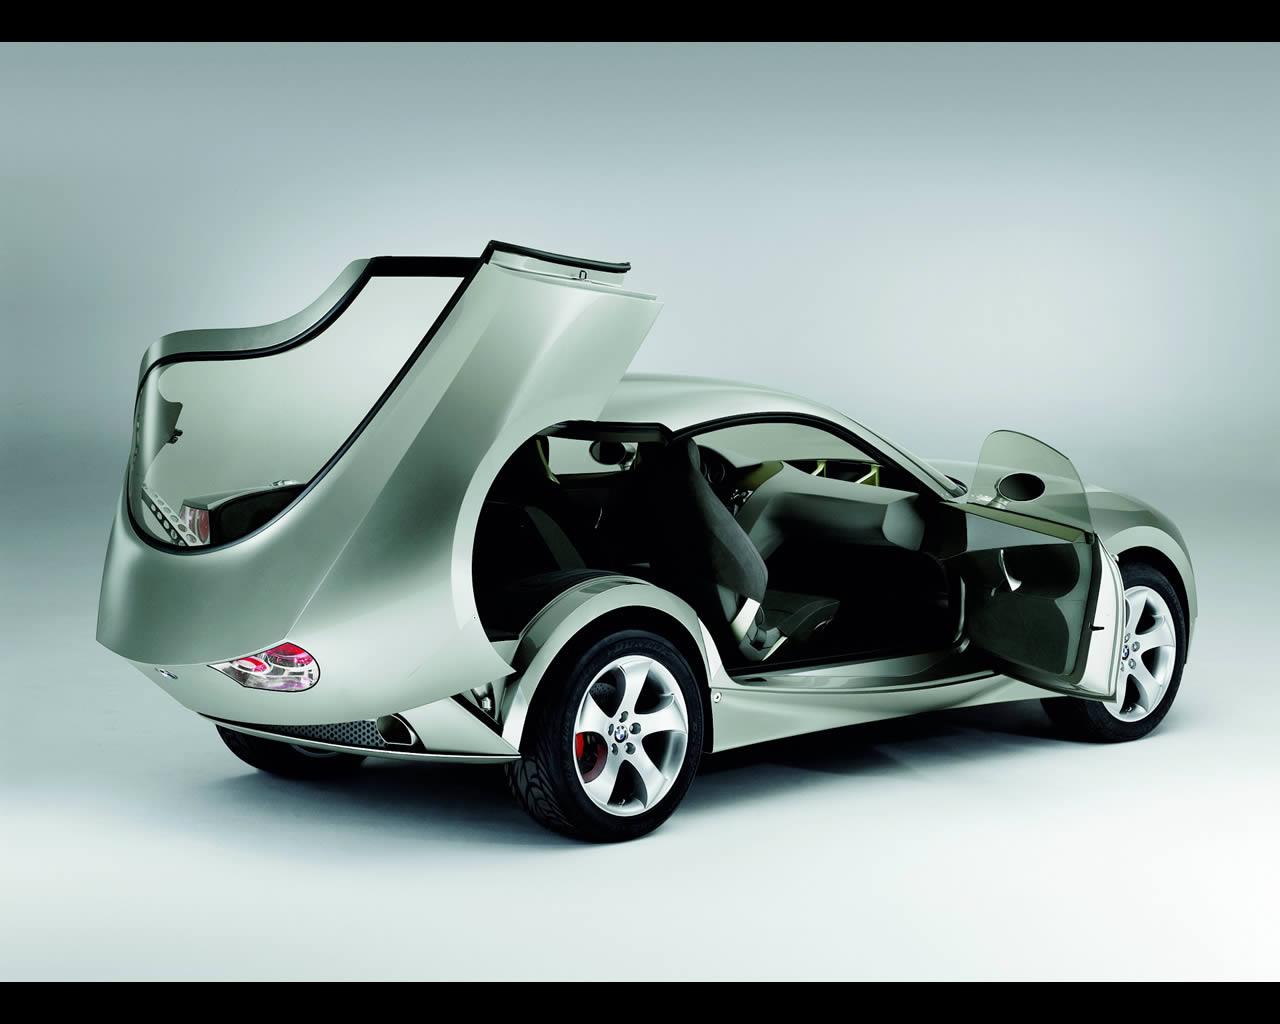 Wallpapers : BMW X Coupé Concept Vehicle 2001